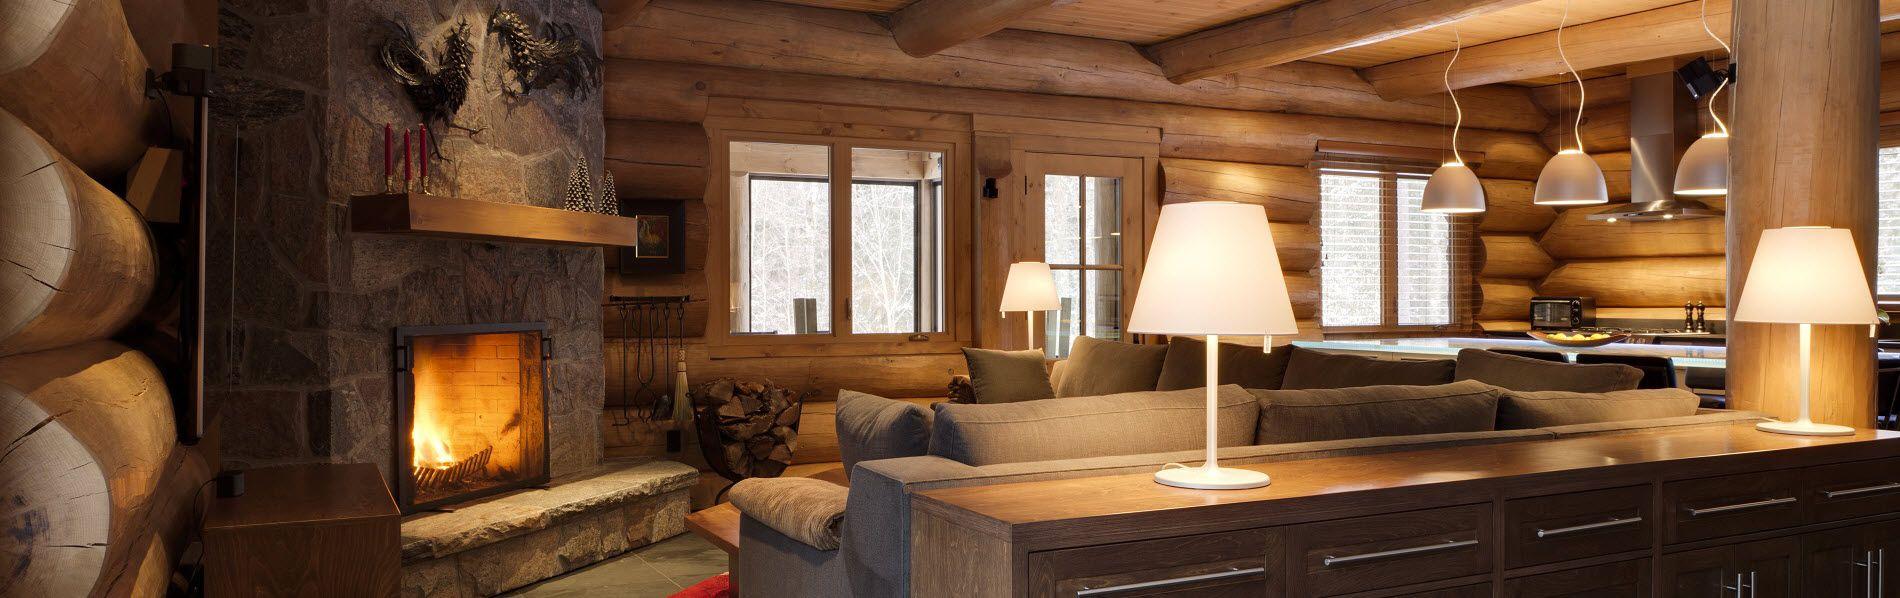 harkins 5 cover maison en bois rond